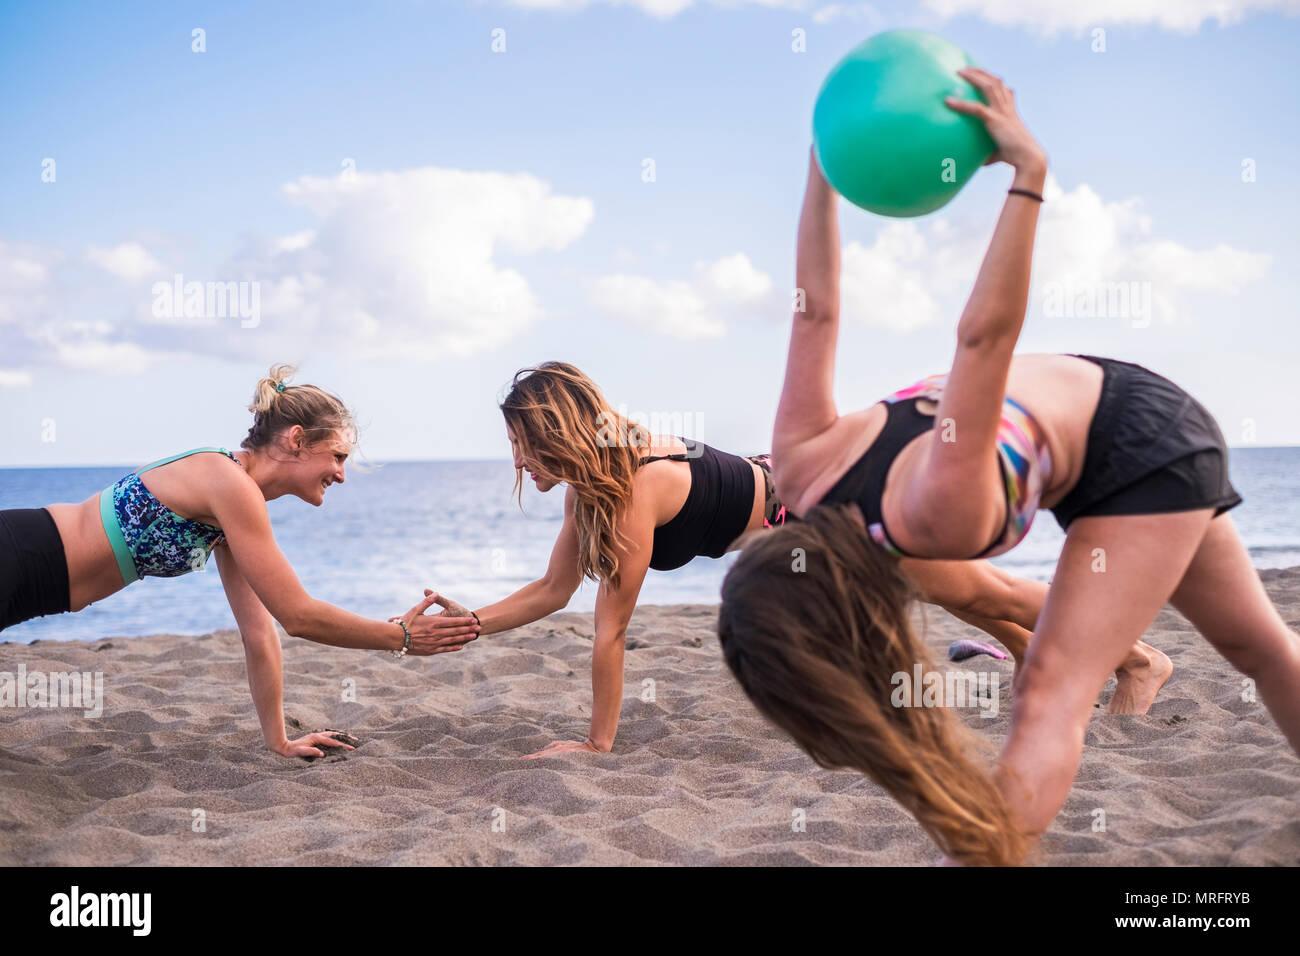 Grupo de mujeres personas caucásicas tres hermosas mujeres haciendo yoga y fitness en la arena de la playa, cerca del océano. concepto de libertad para el ocio ac Imagen De Stock